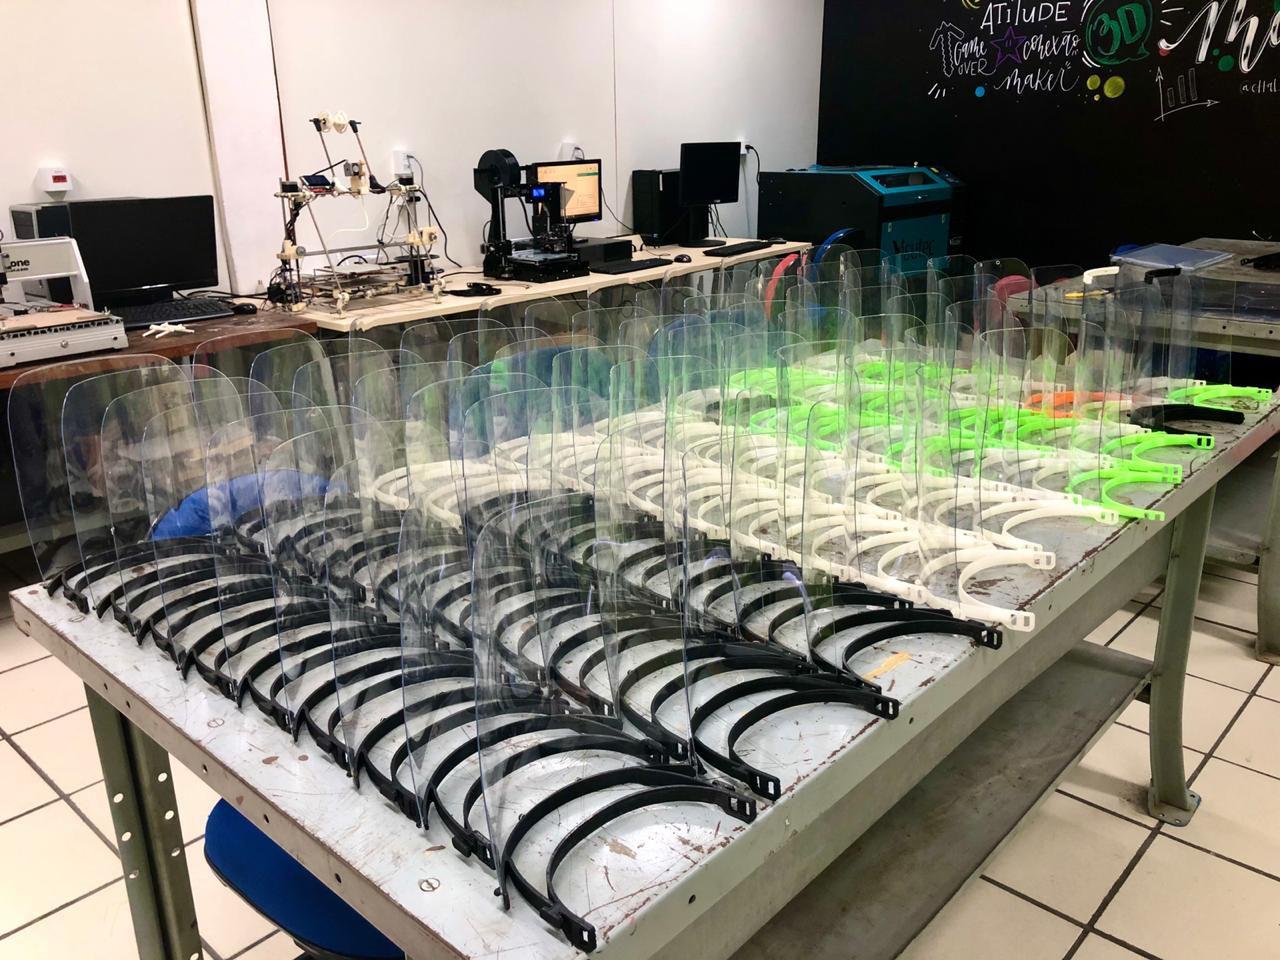 Escola técnica recebeu apoio para entregar até 100 máscaras por semana a hospitais